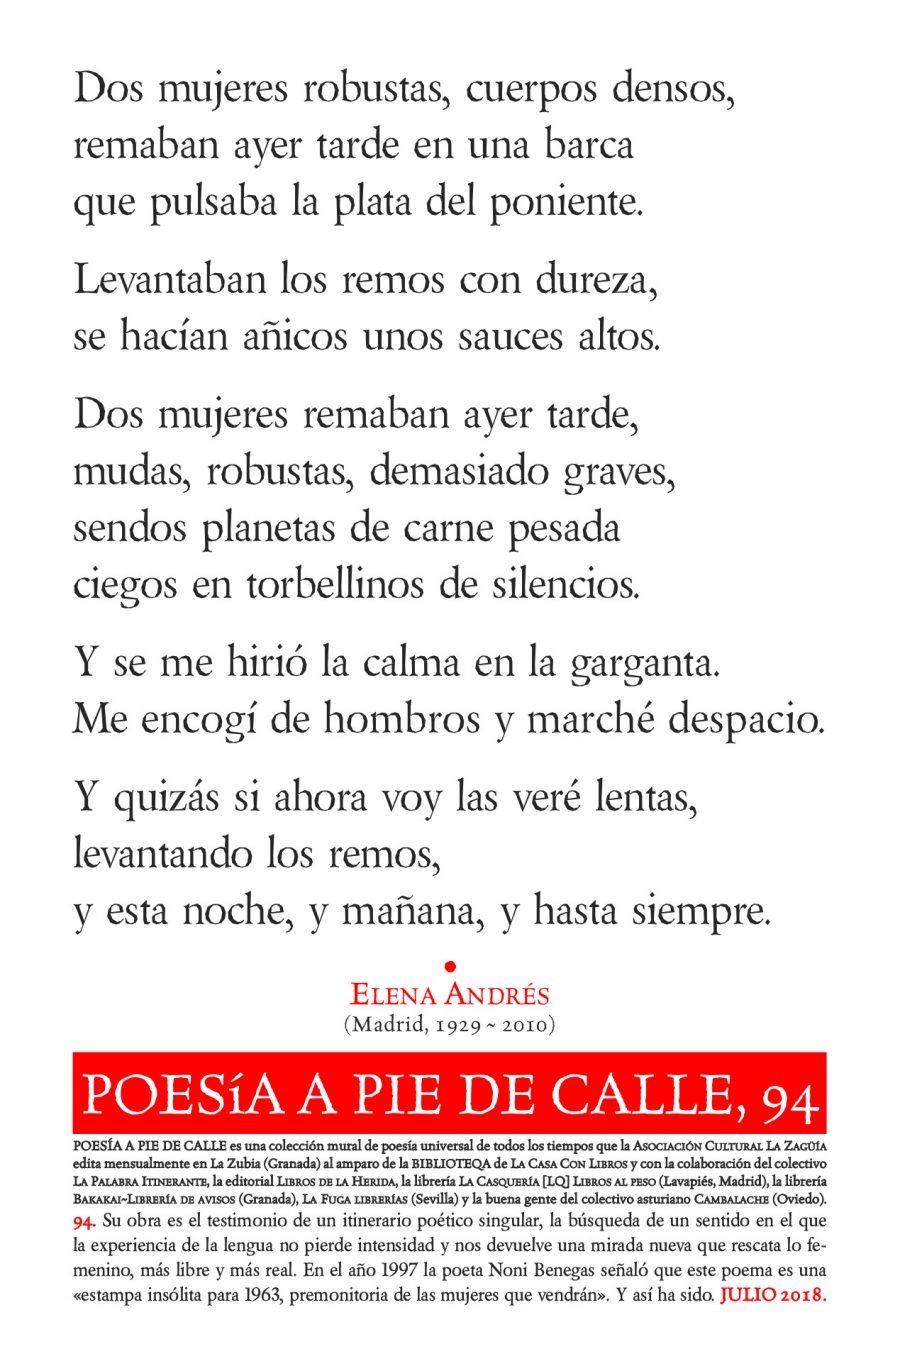 """POESÍA A PIE DE CALLE, 94: """"DOS MUJERES ROBUSTAS, CUERPOS DENSOS…"""", DE ELENA ANDRÉS"""